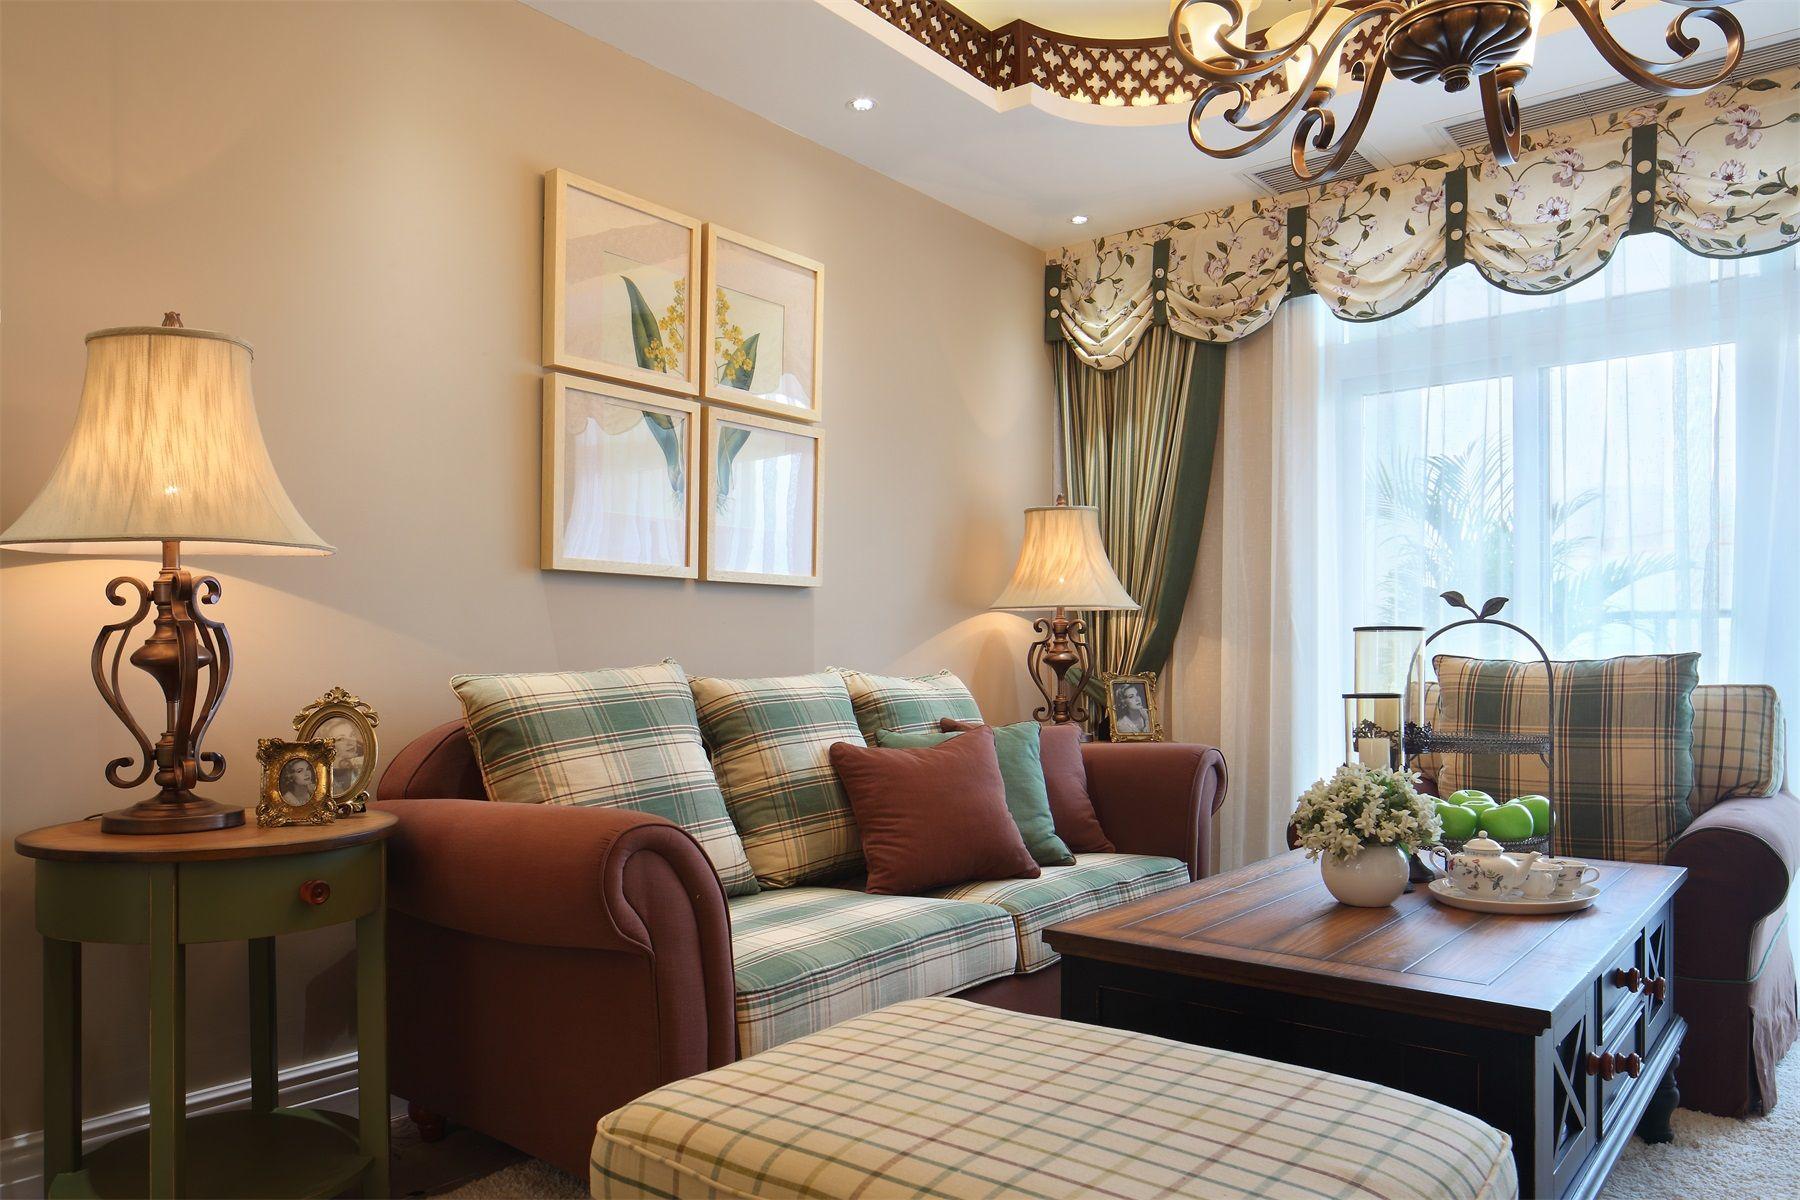 田园风格两居室客厅装修效果图